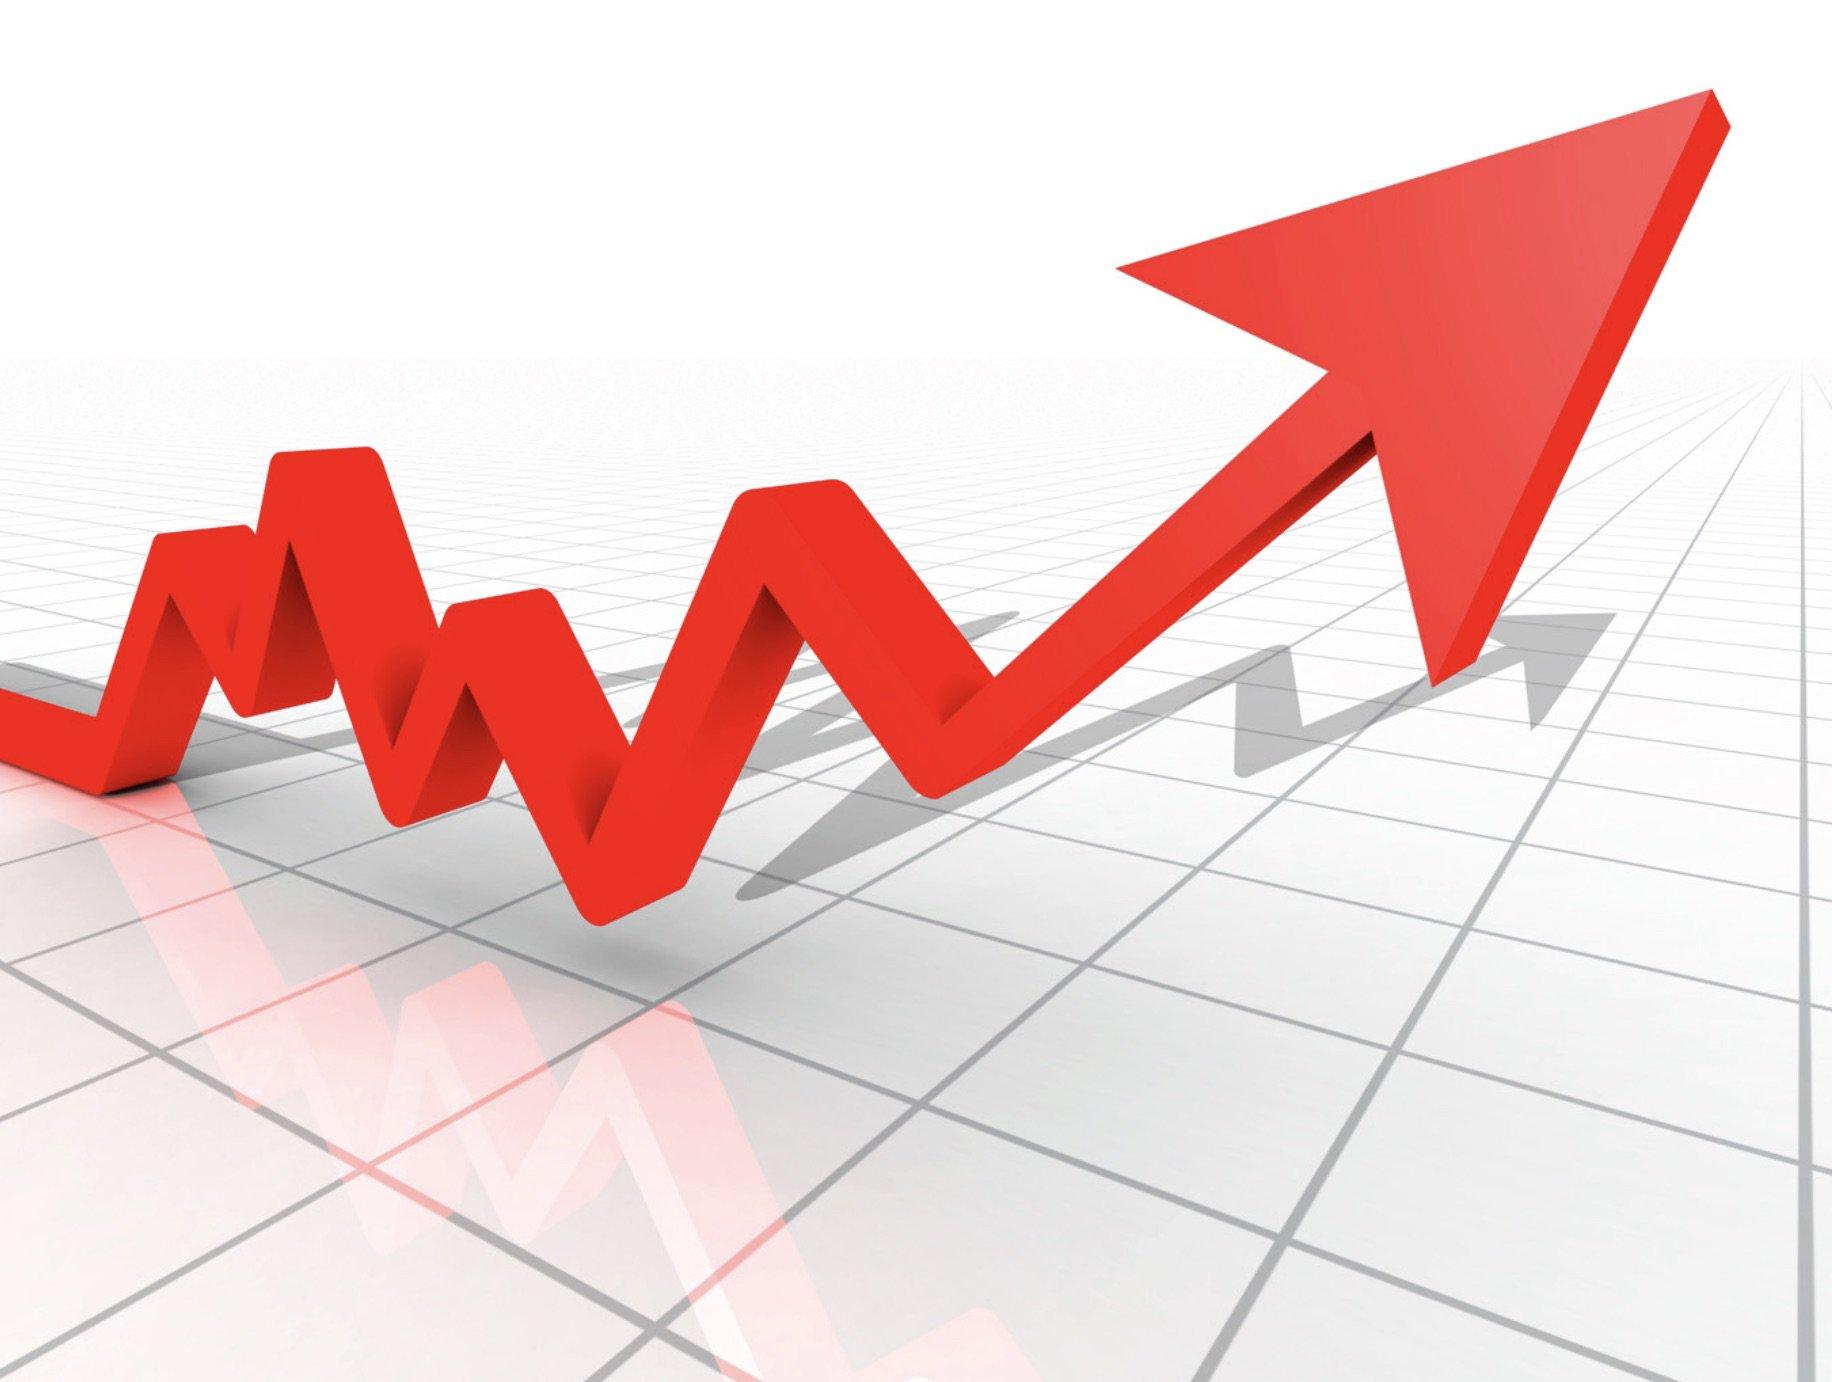 King World News - Gerüchte über den Niedergang der Reflation sind übertrieben